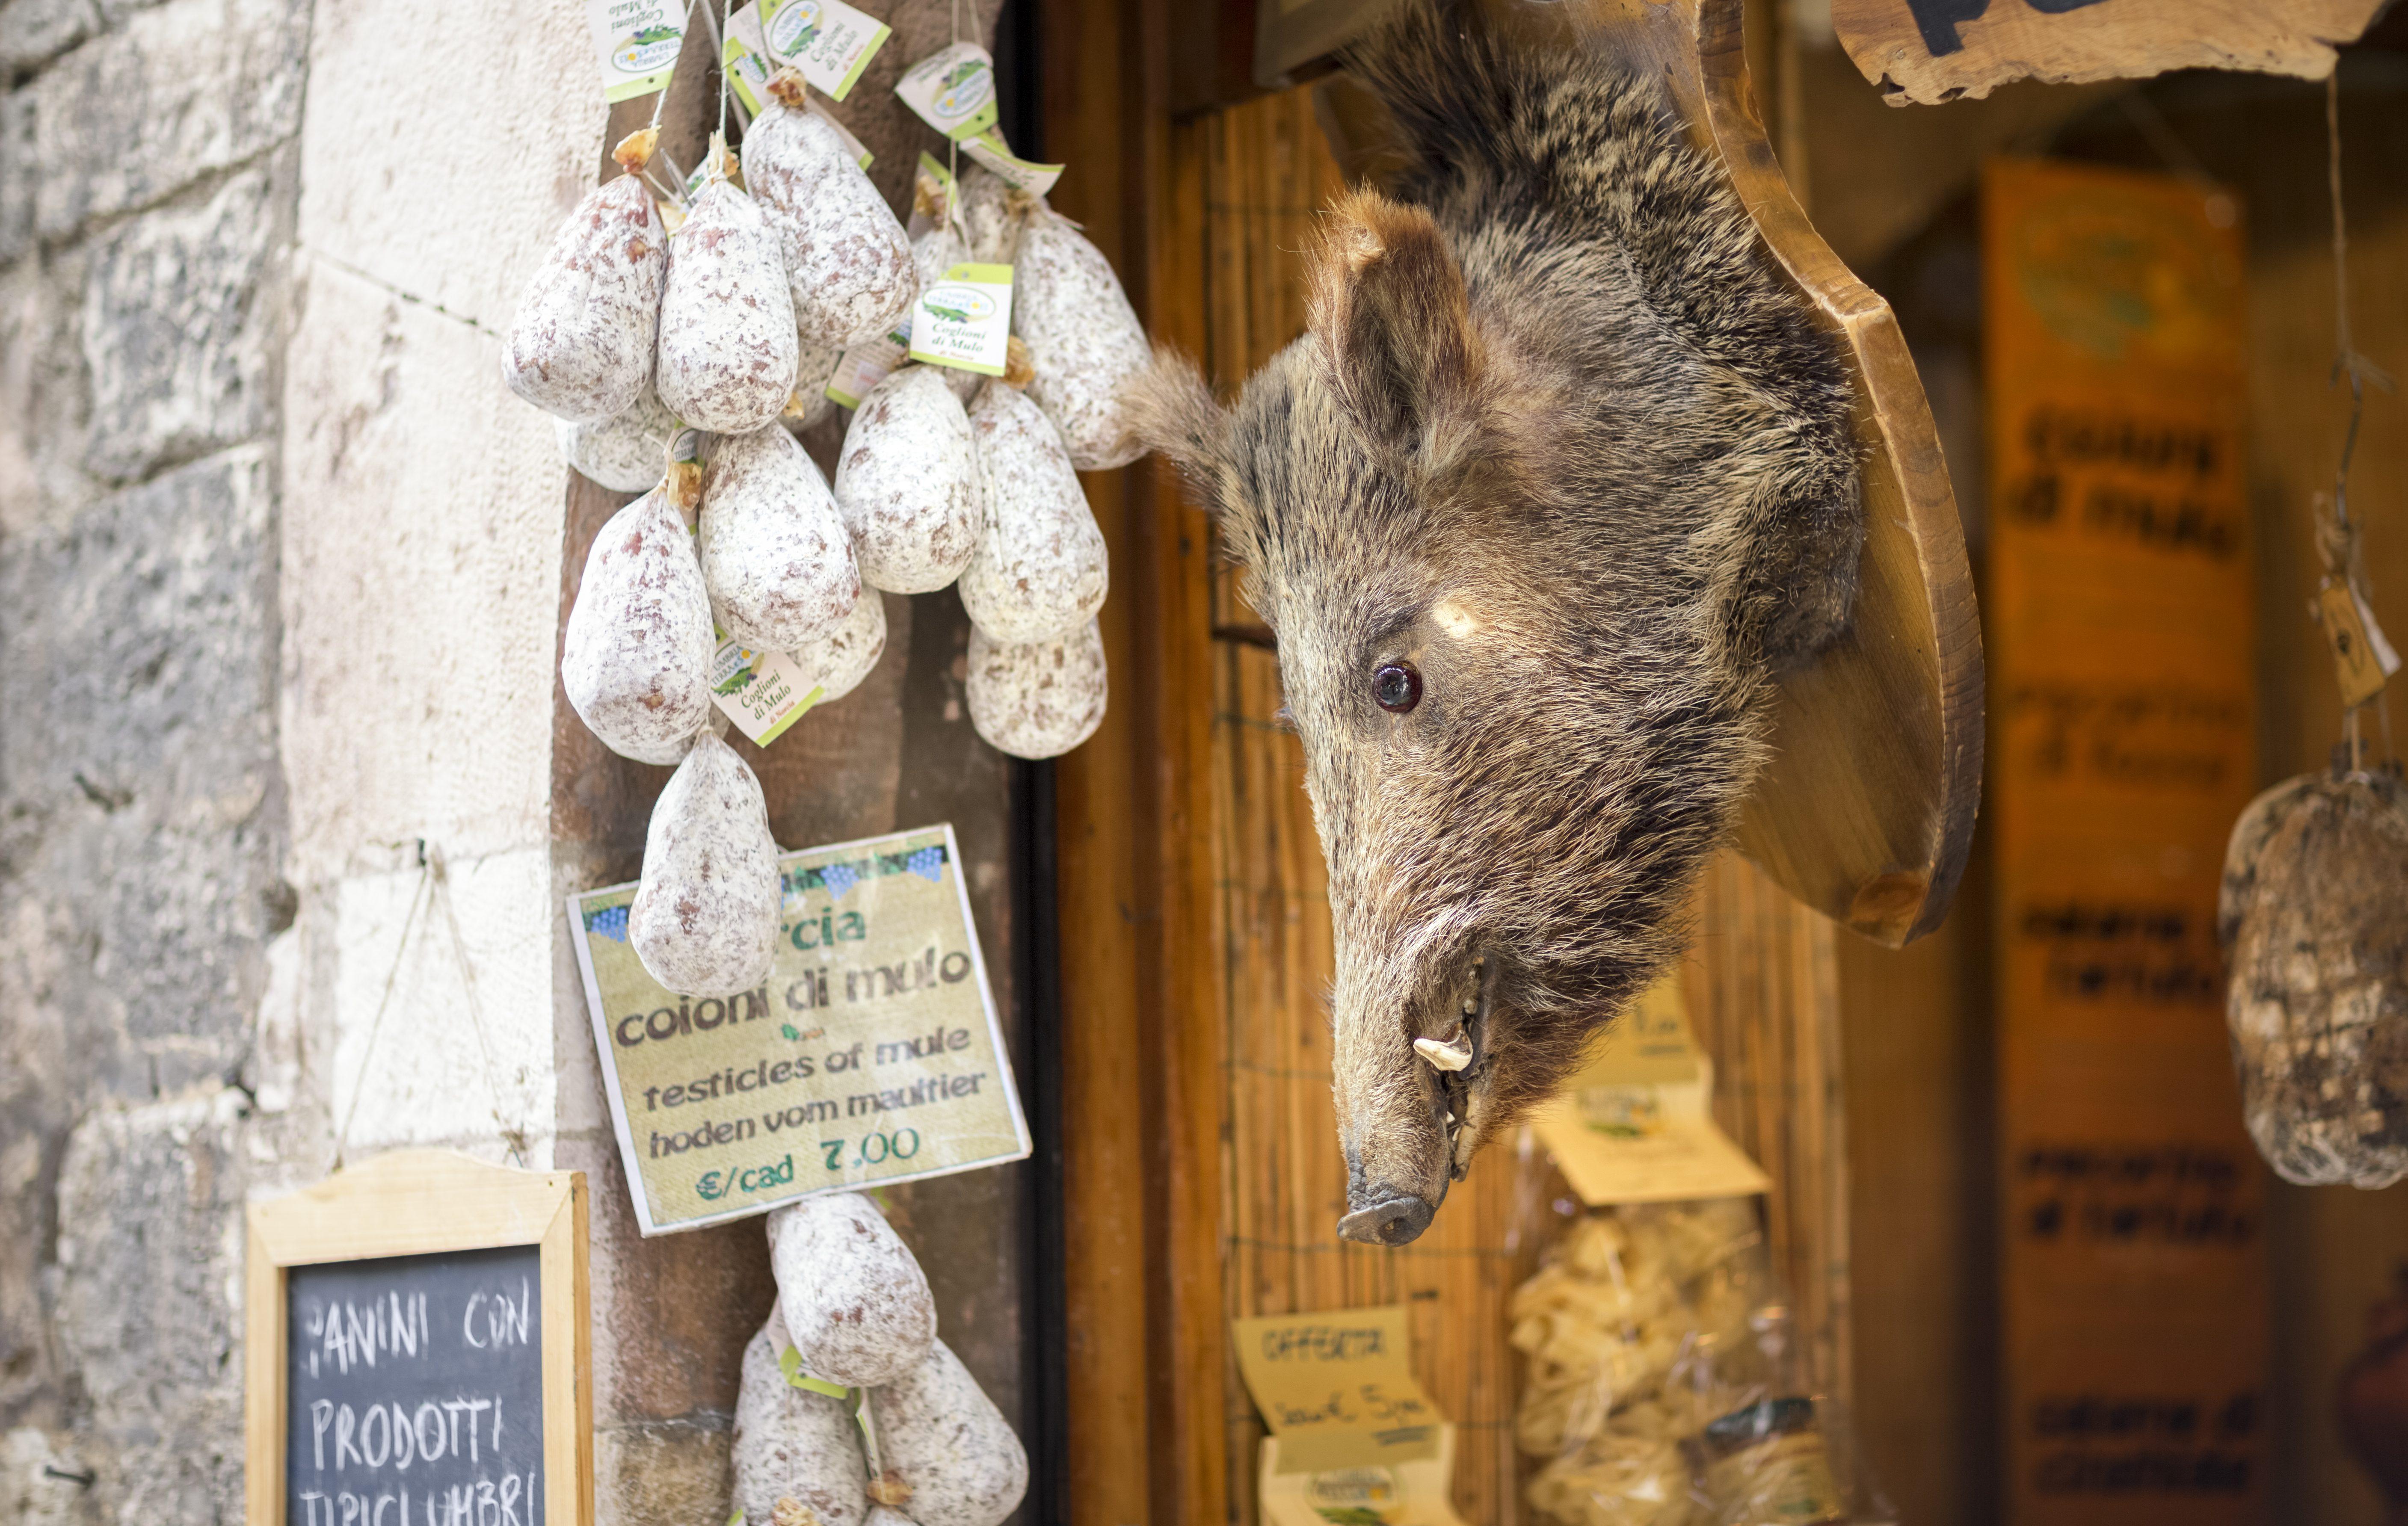 Tour gastronomico fra tra Assisi e Spoleto: cosa mangiare nelle città d'arte umbre